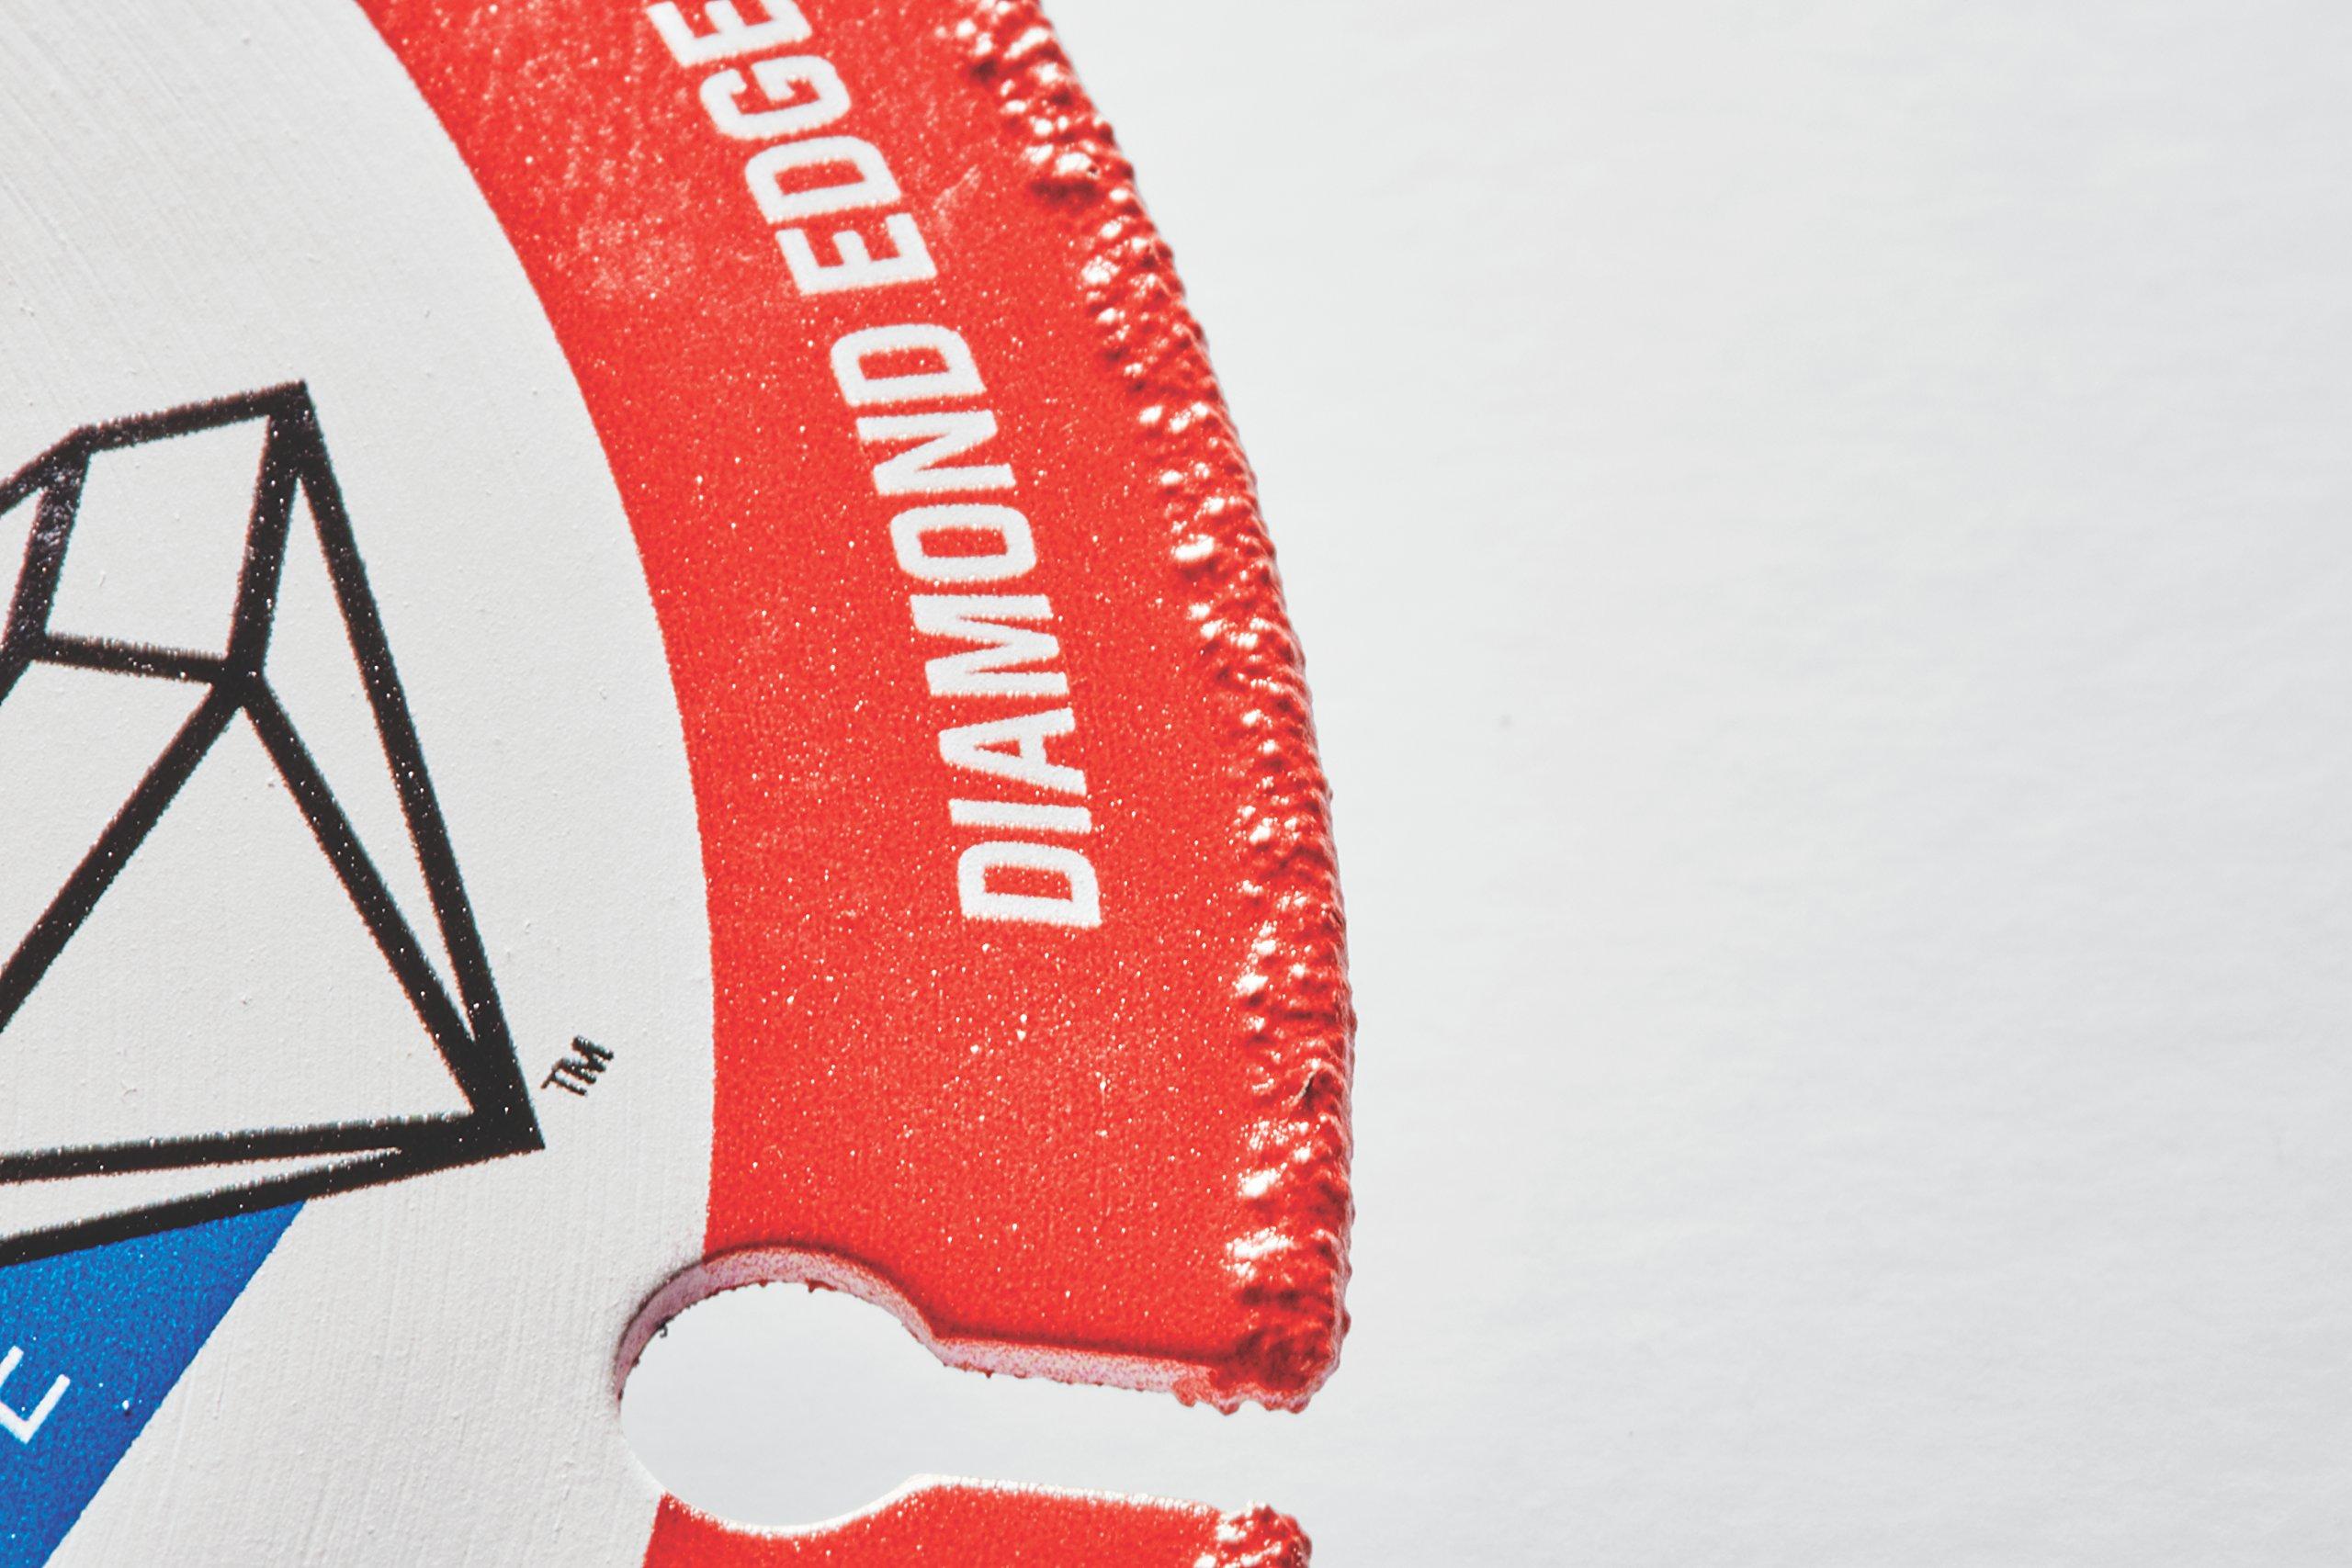 Lenox Tools 1972918 METALMAX Diamond Edge Cutoff Wheel, 3'' x 3/8'' by Lenox Tools (Image #4)